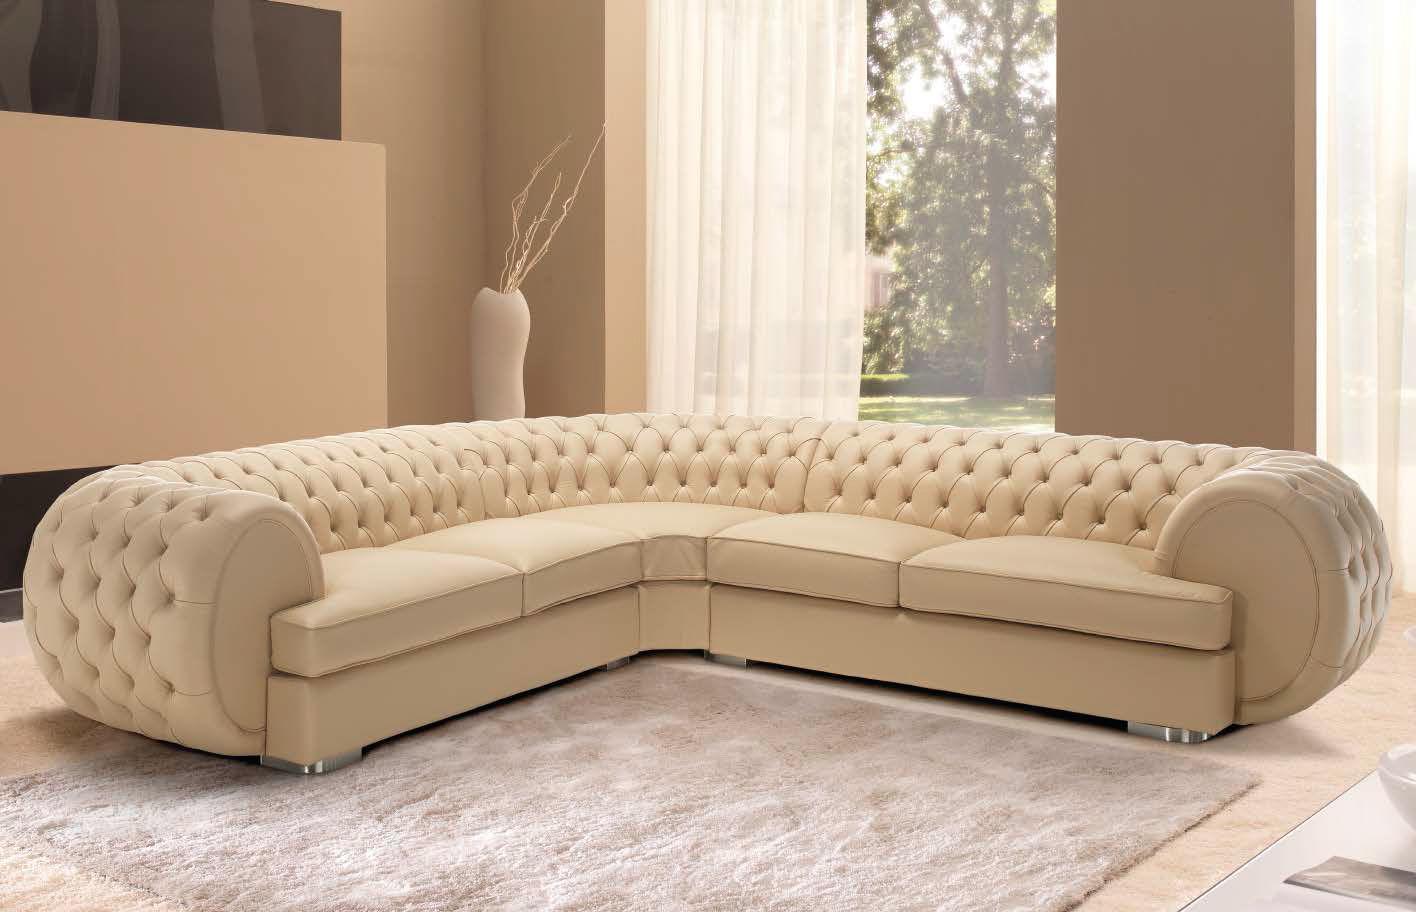 Угловой модульный диван в бежевом цвете